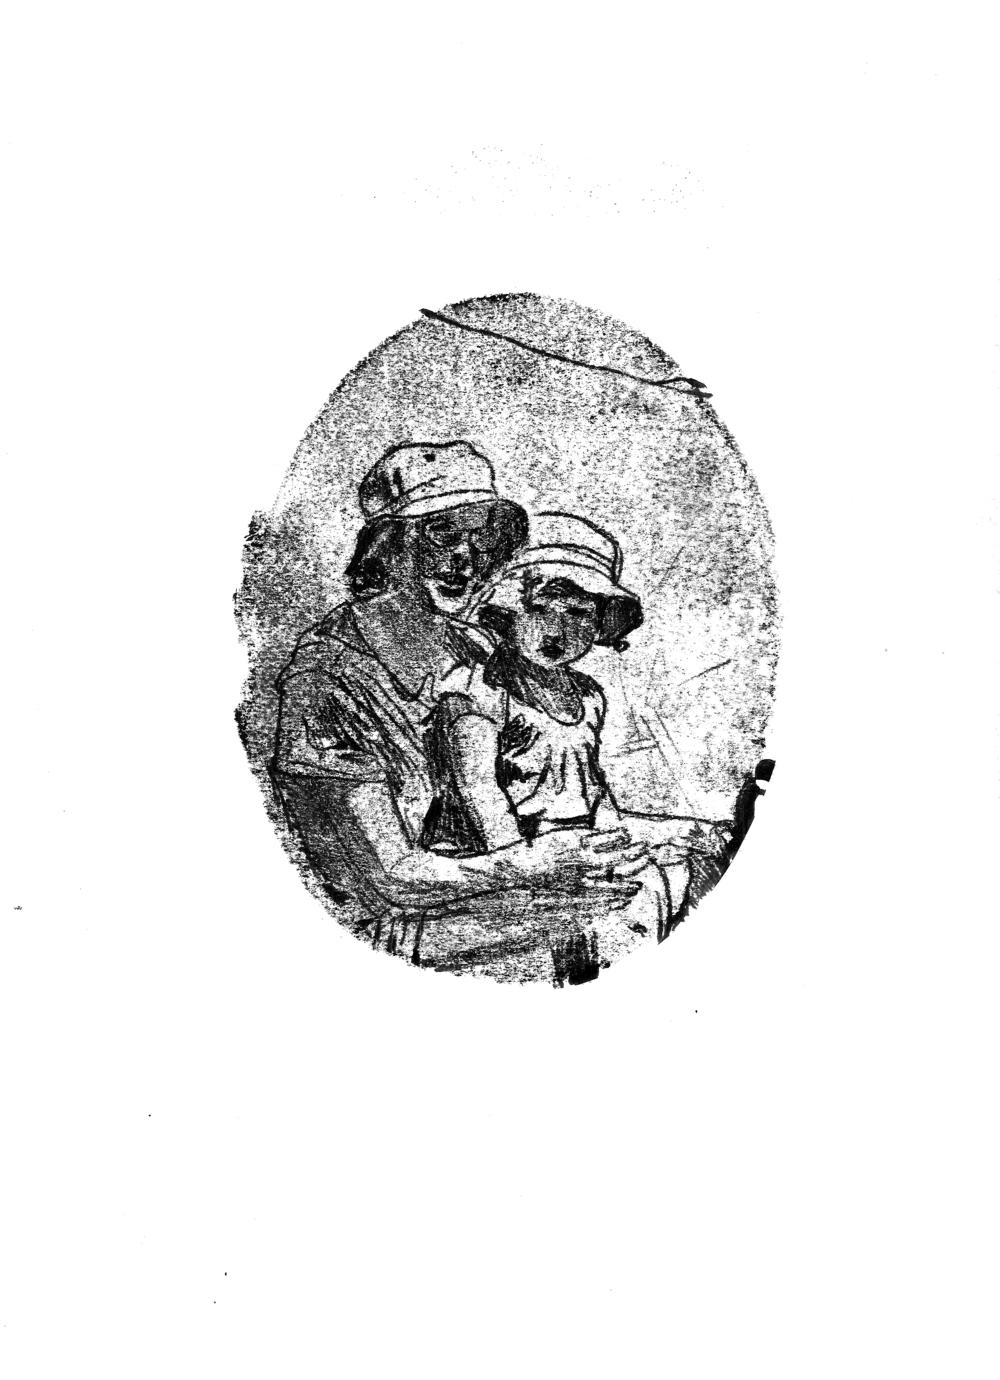 'In der Schweitz', 2015, monoprint on 183gsm cartridge paper, 21 x 29.5 cm